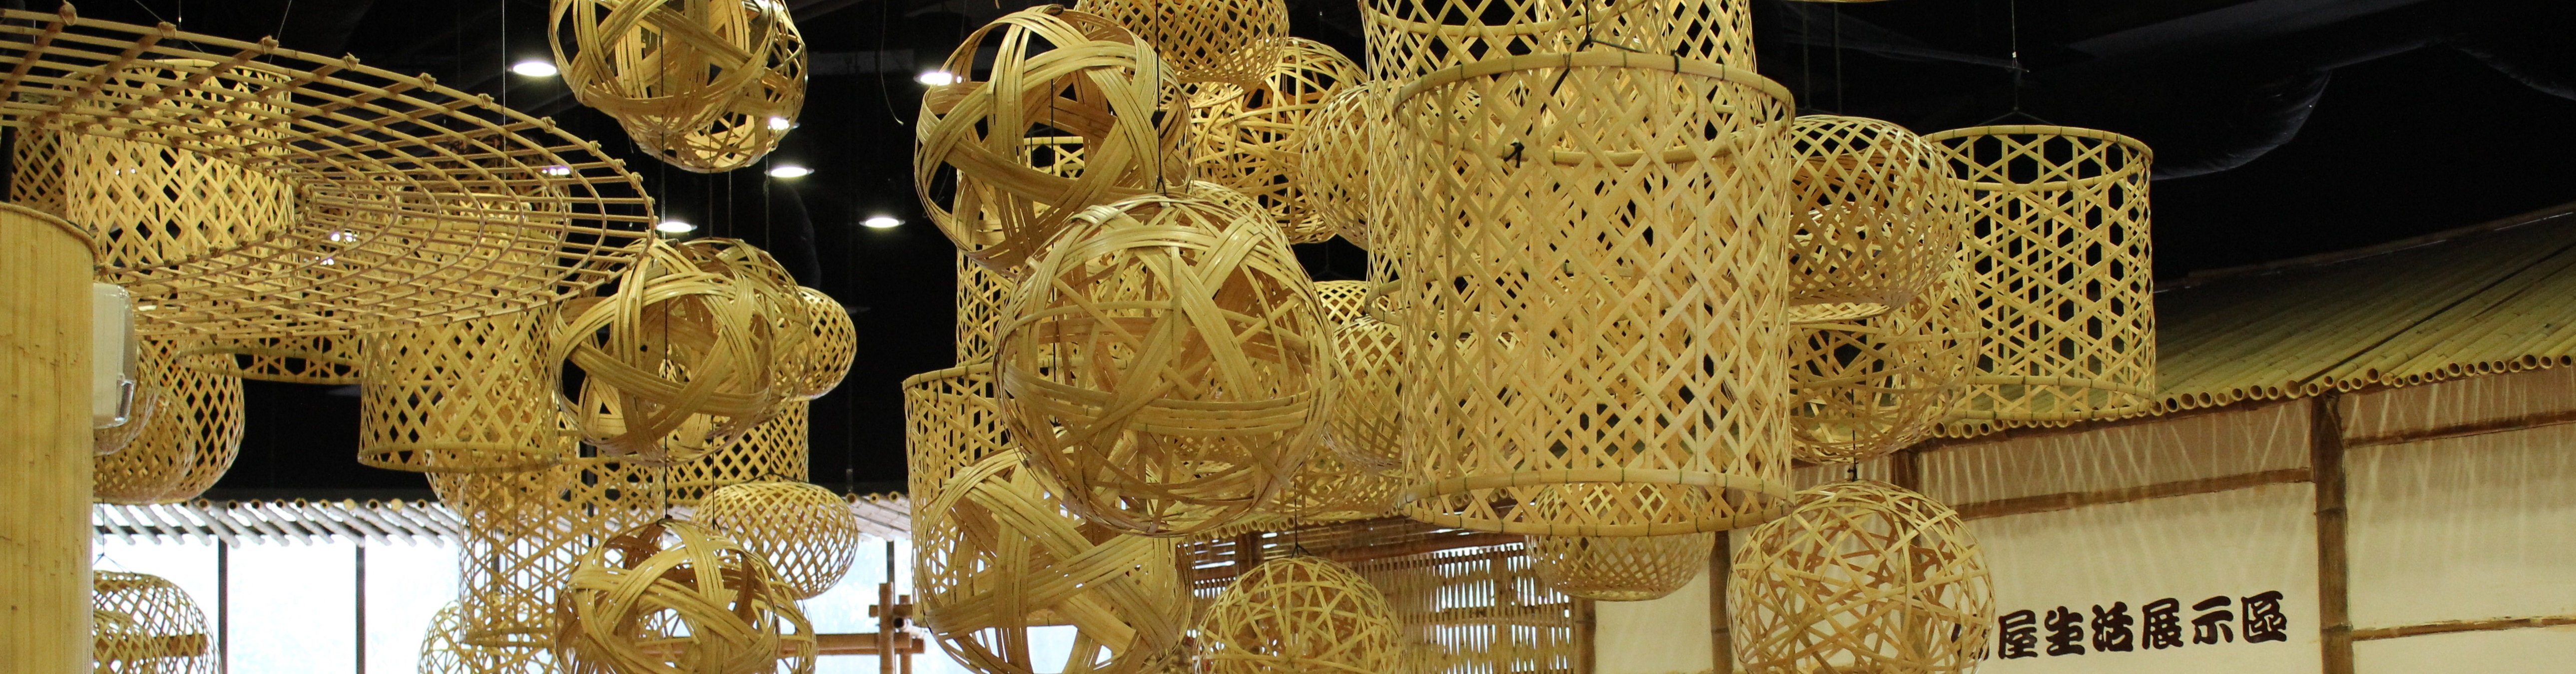 竹藝博物館-上方形像圖